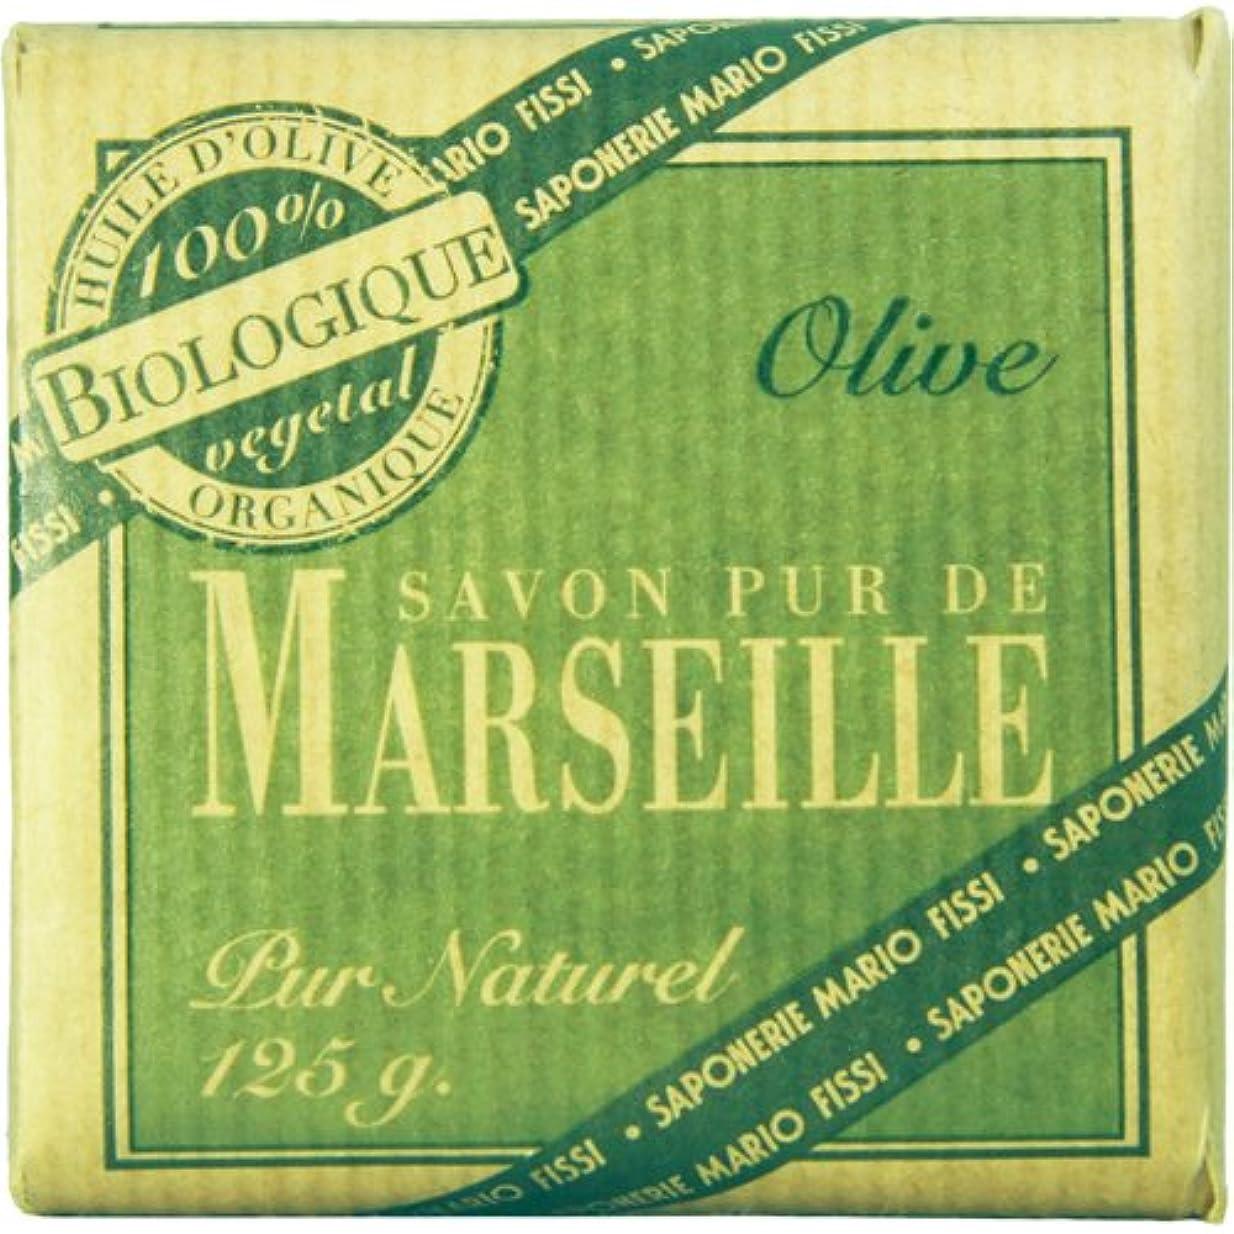 規定リーフレット精神医学Saponerire Fissi マルセイユシリーズ マルセイユソープ 125g Olive オリーブ